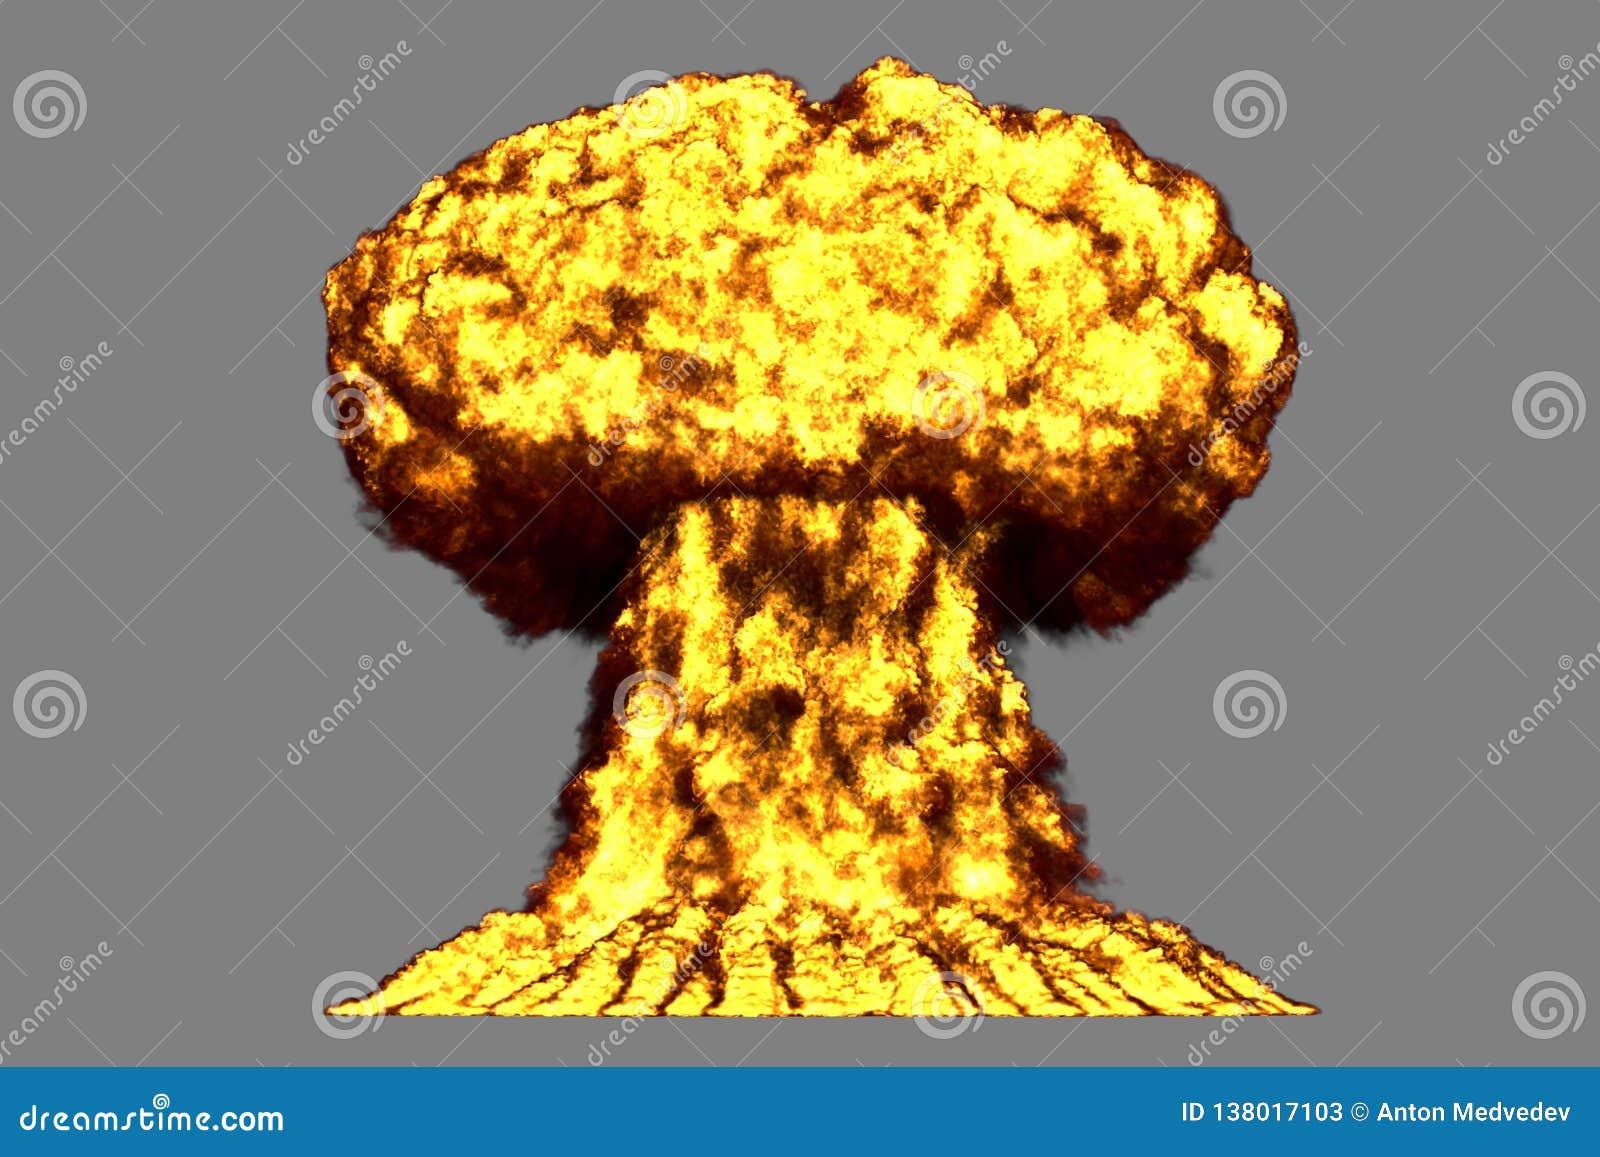 L illustration du souffle 3D de l explosion fortement détaillée énorme de champignon atomique avec des regards du feu et de fumée